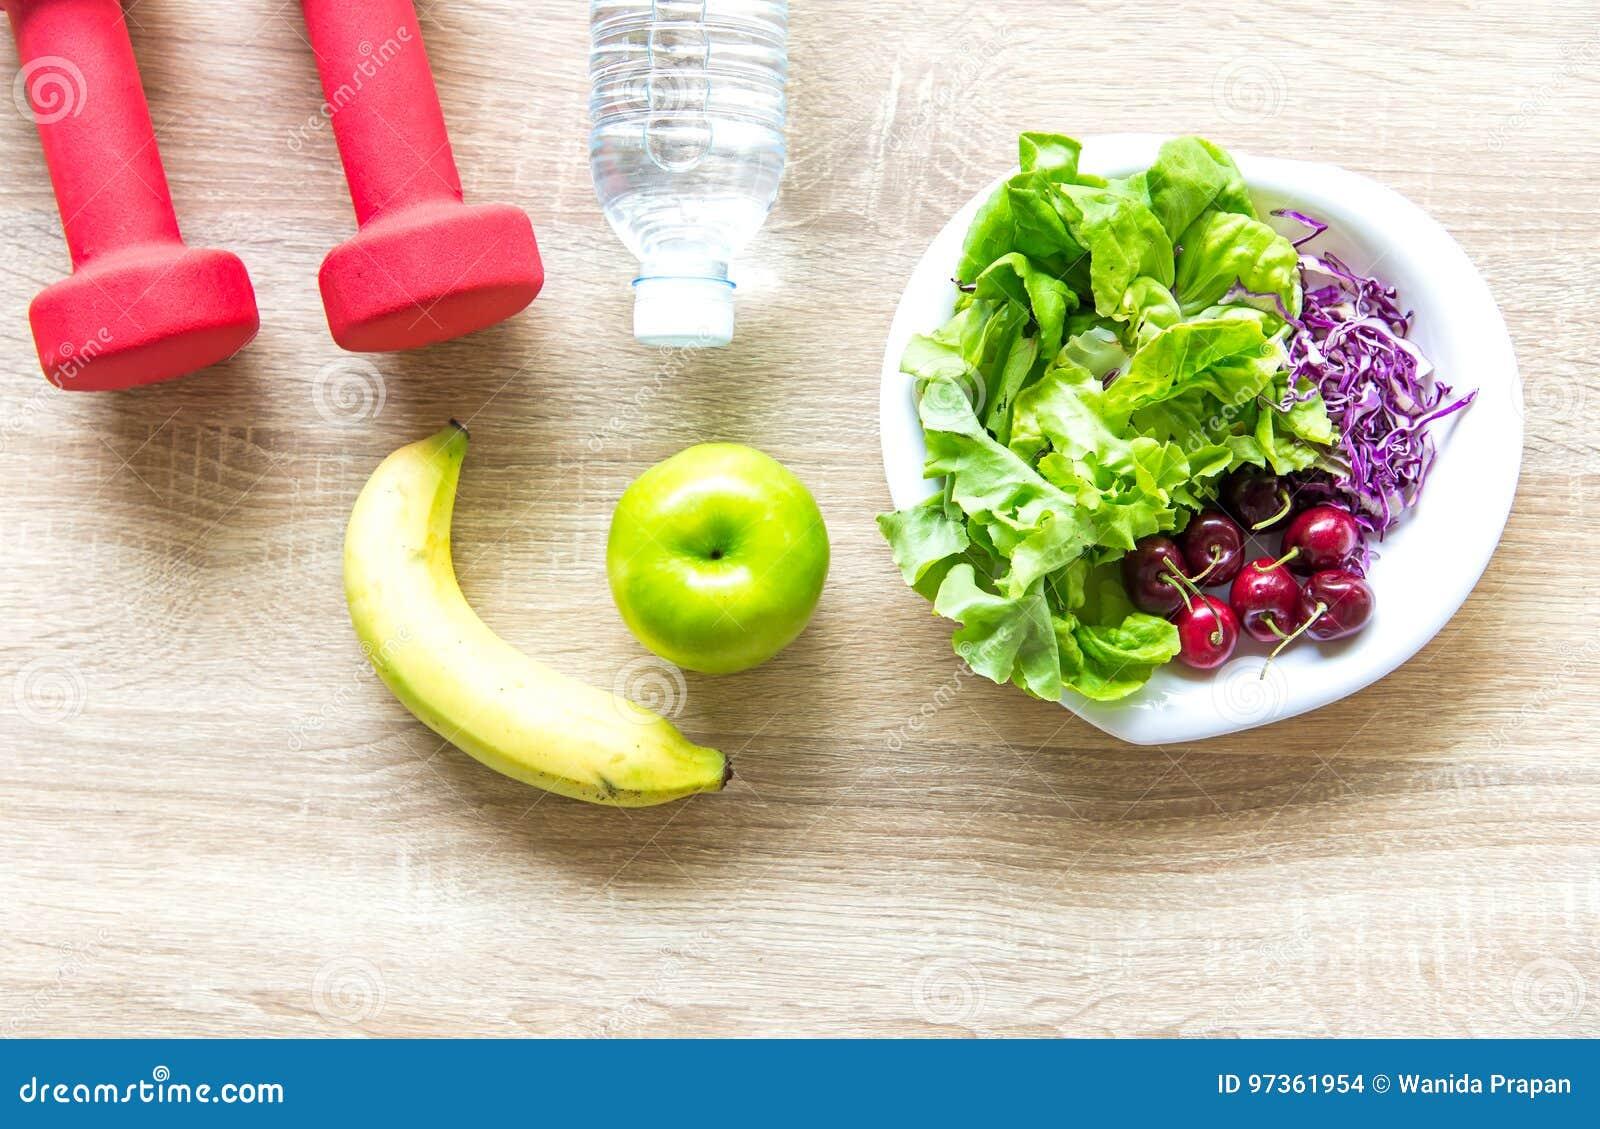 O estilo de vida saudável para mulheres faz dieta com equipamento de esporte, sapatilhas, a fita de medição, as maçãs do fruto e